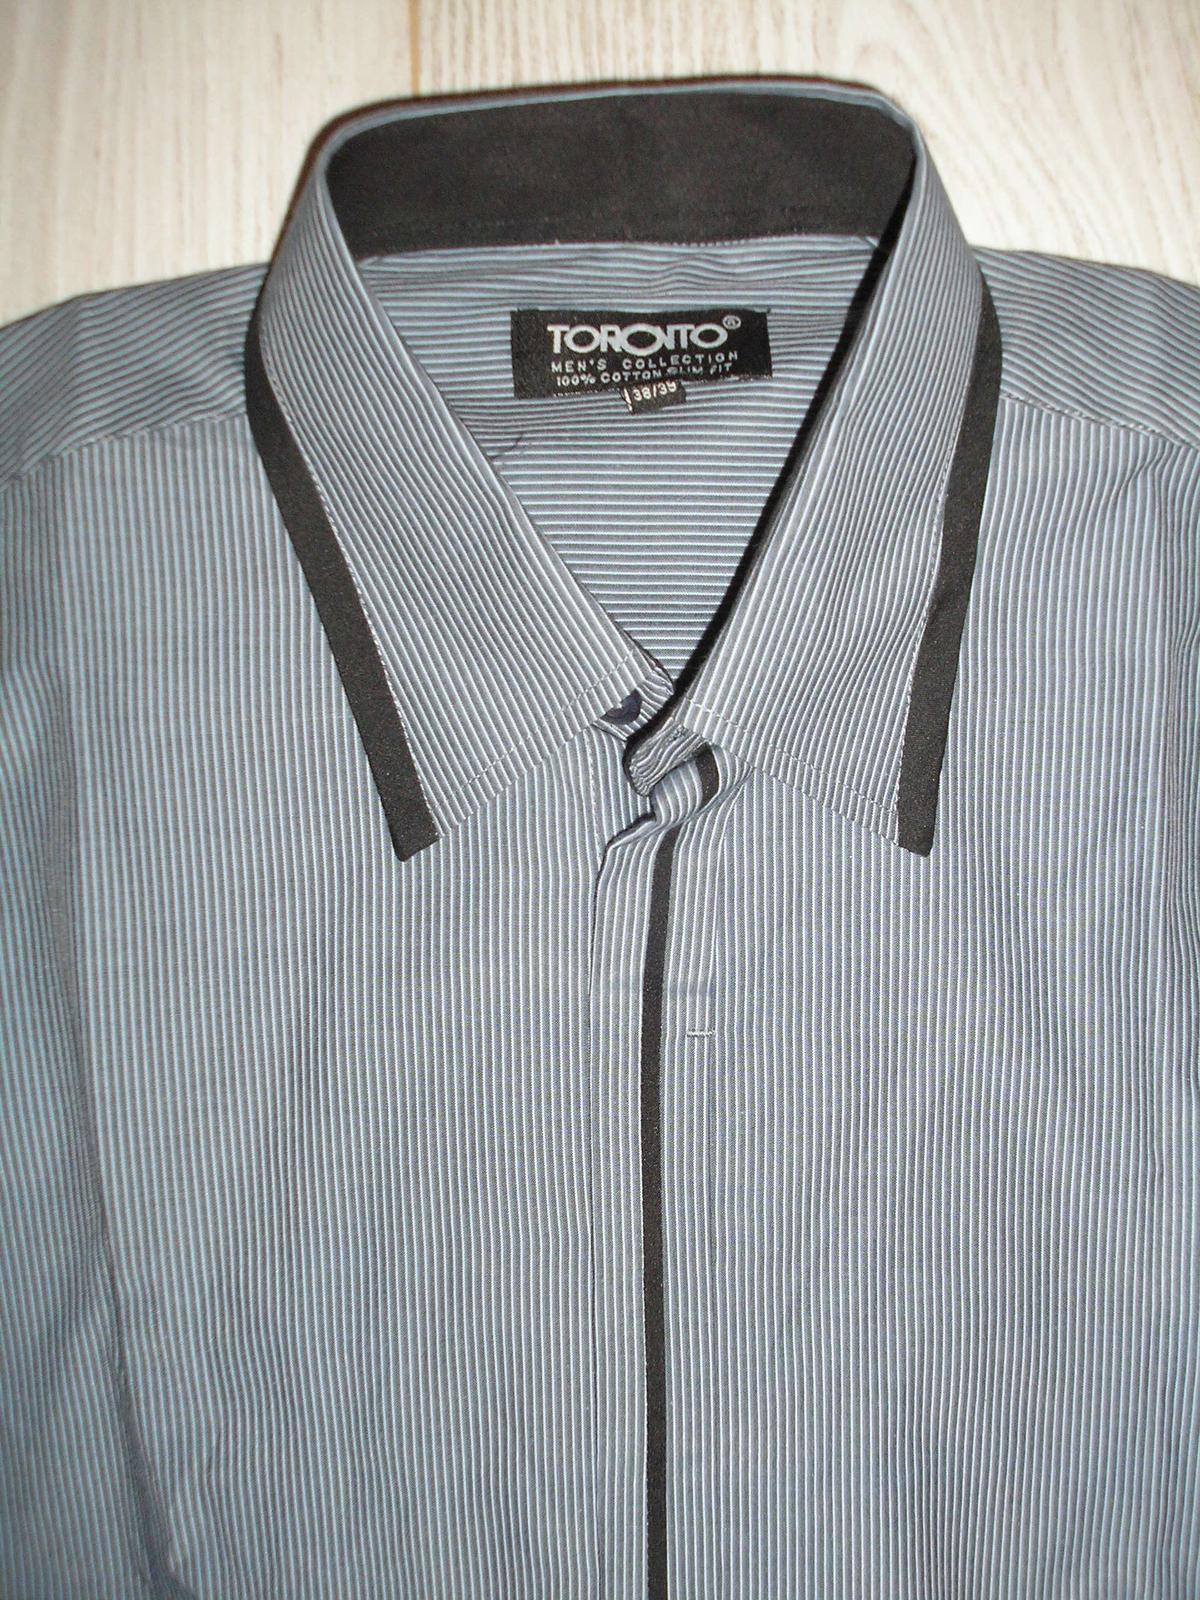 Slim košeľa - Obrázok č. 1